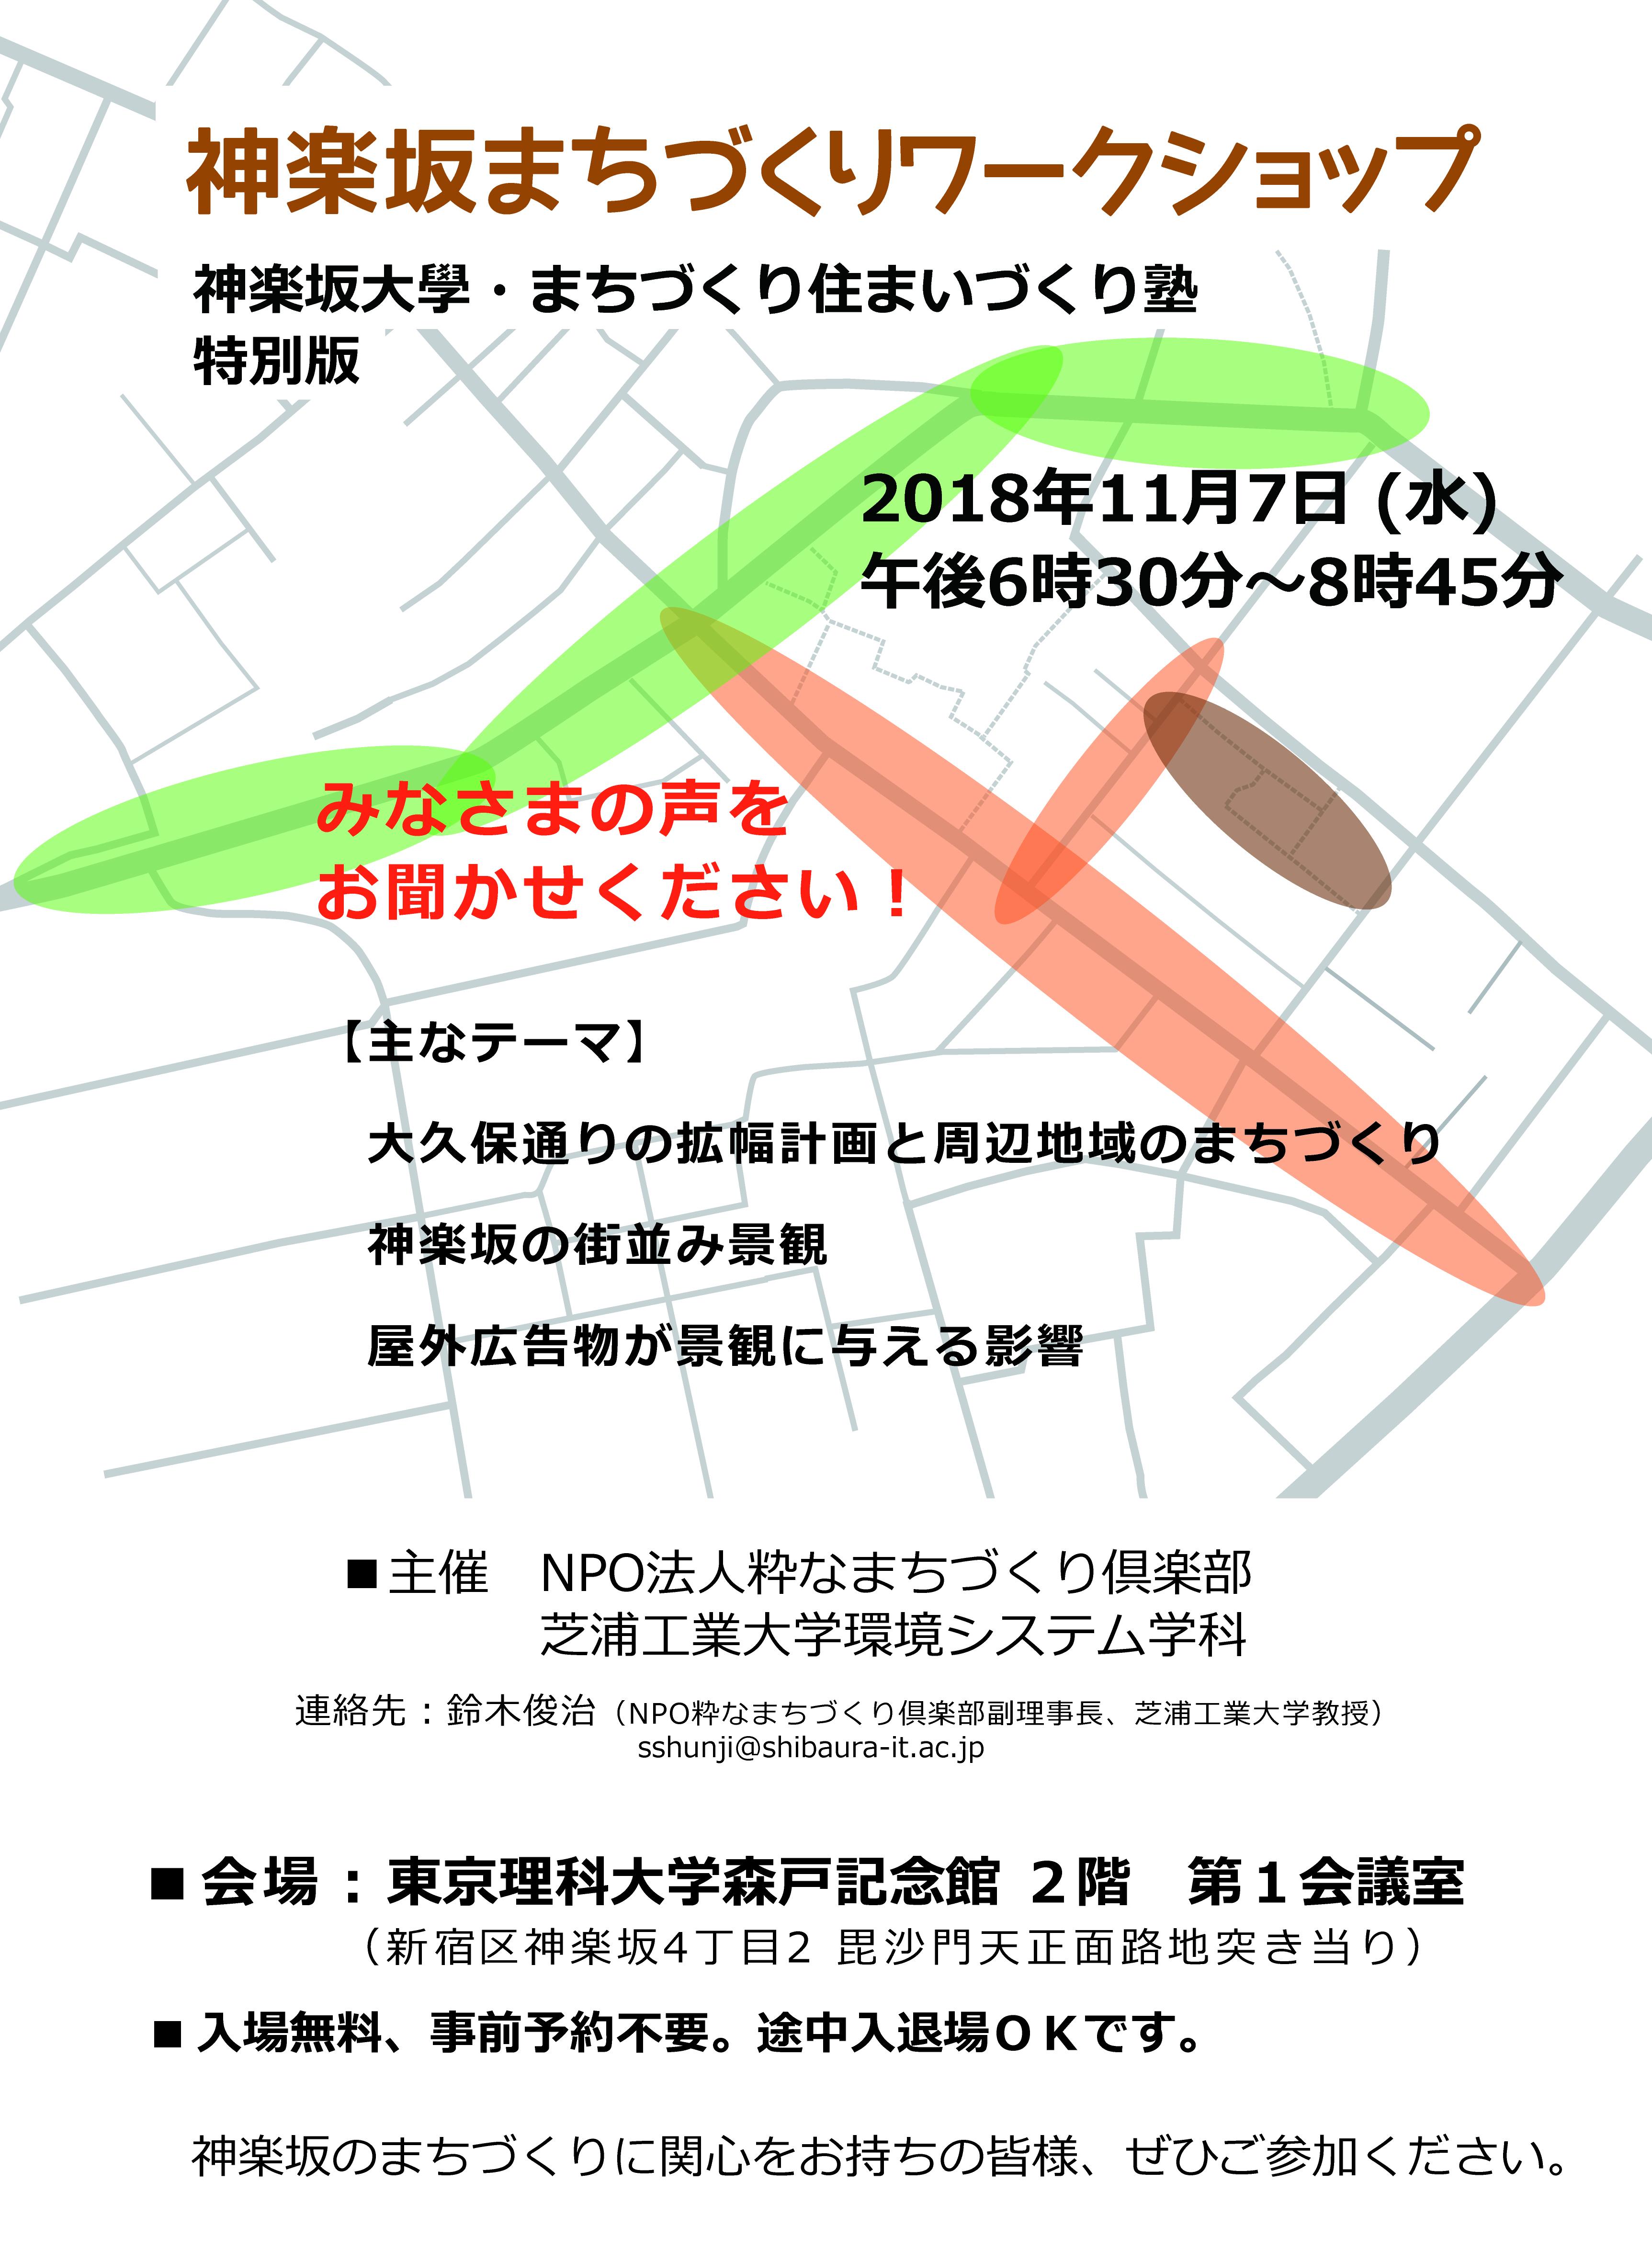 20180202 芝浦工大 神楽坂地元発表会ポスター